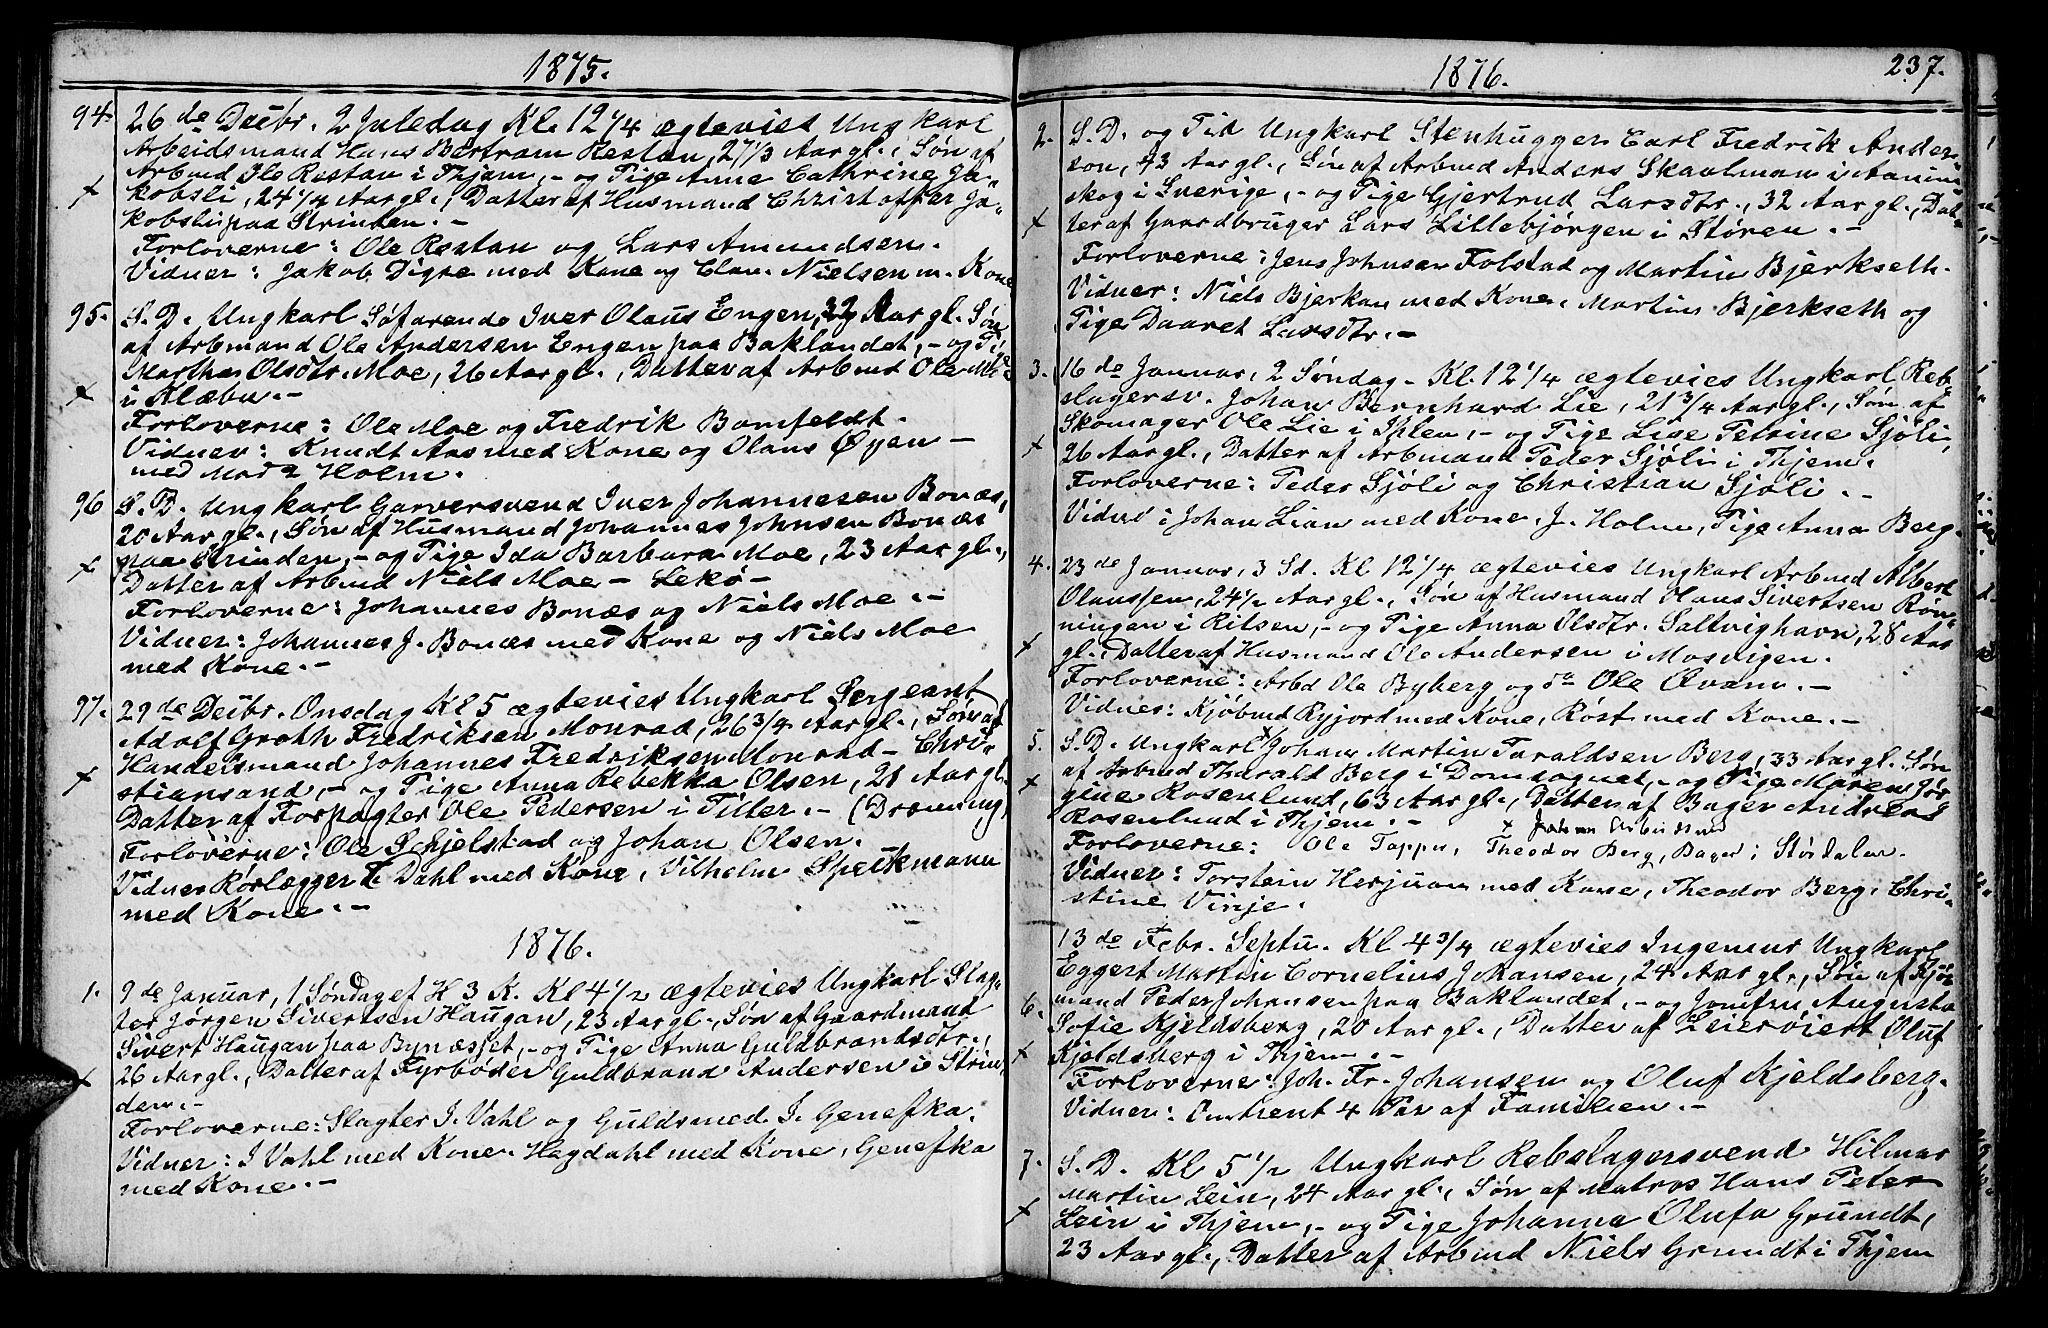 SAT, Ministerialprotokoller, klokkerbøker og fødselsregistre - Sør-Trøndelag, 602/L0142: Klokkerbok nr. 602C10, 1872-1894, s. 237